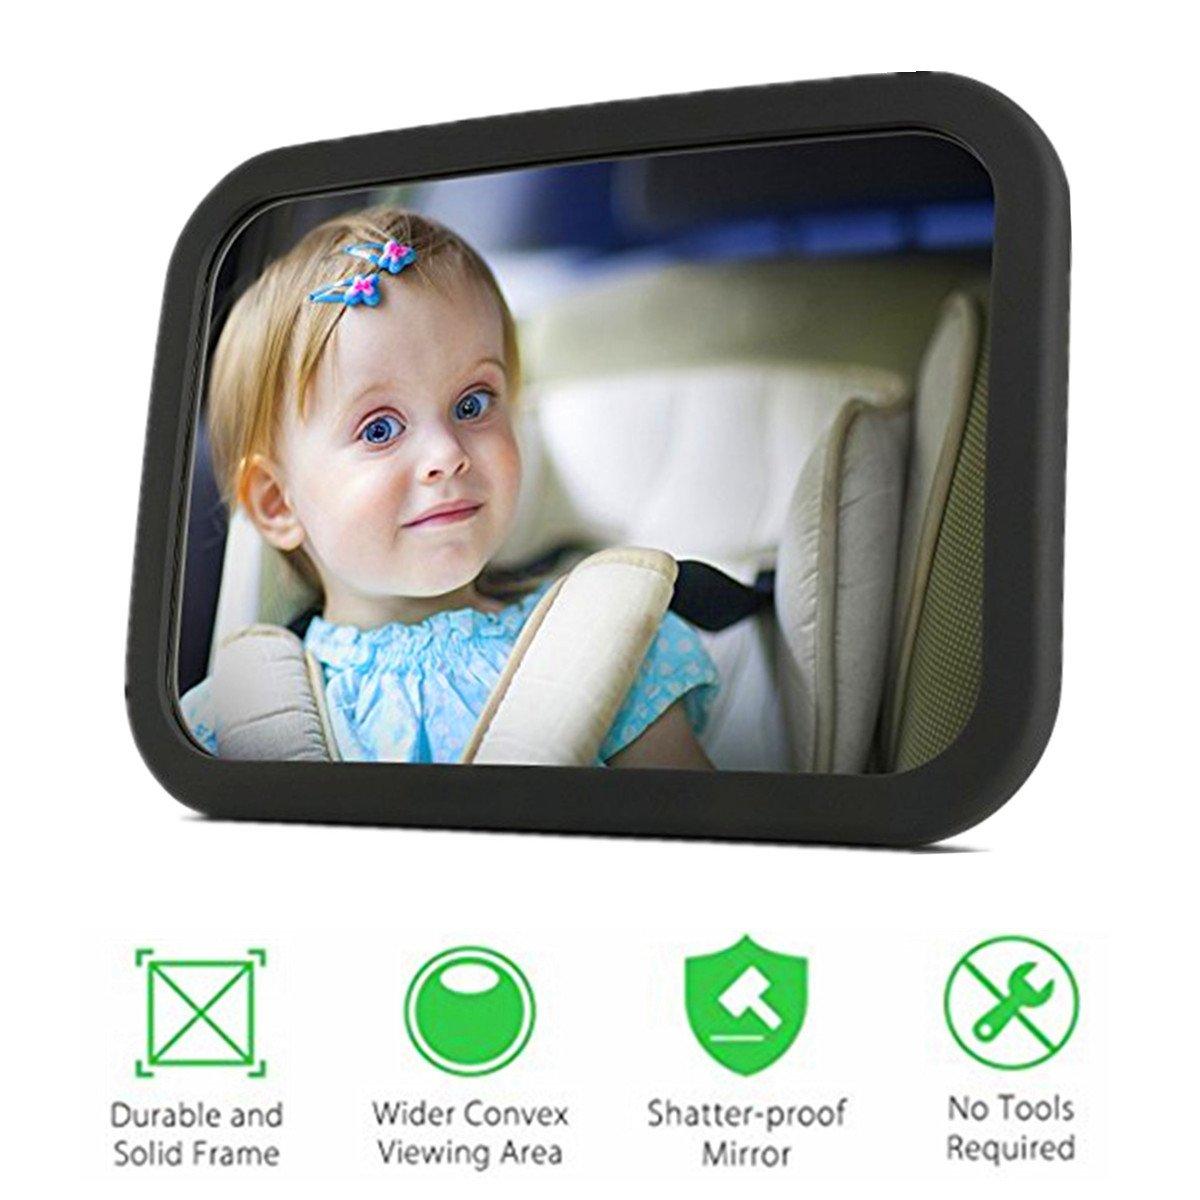 Miroir Auto Bébé PLUIESOLEIl Rétroviseur de Surveillance Bébé pour Siège Arrière Avec Une Rotation 360° Pour Bébé en Sécurité Miroir de Voiture